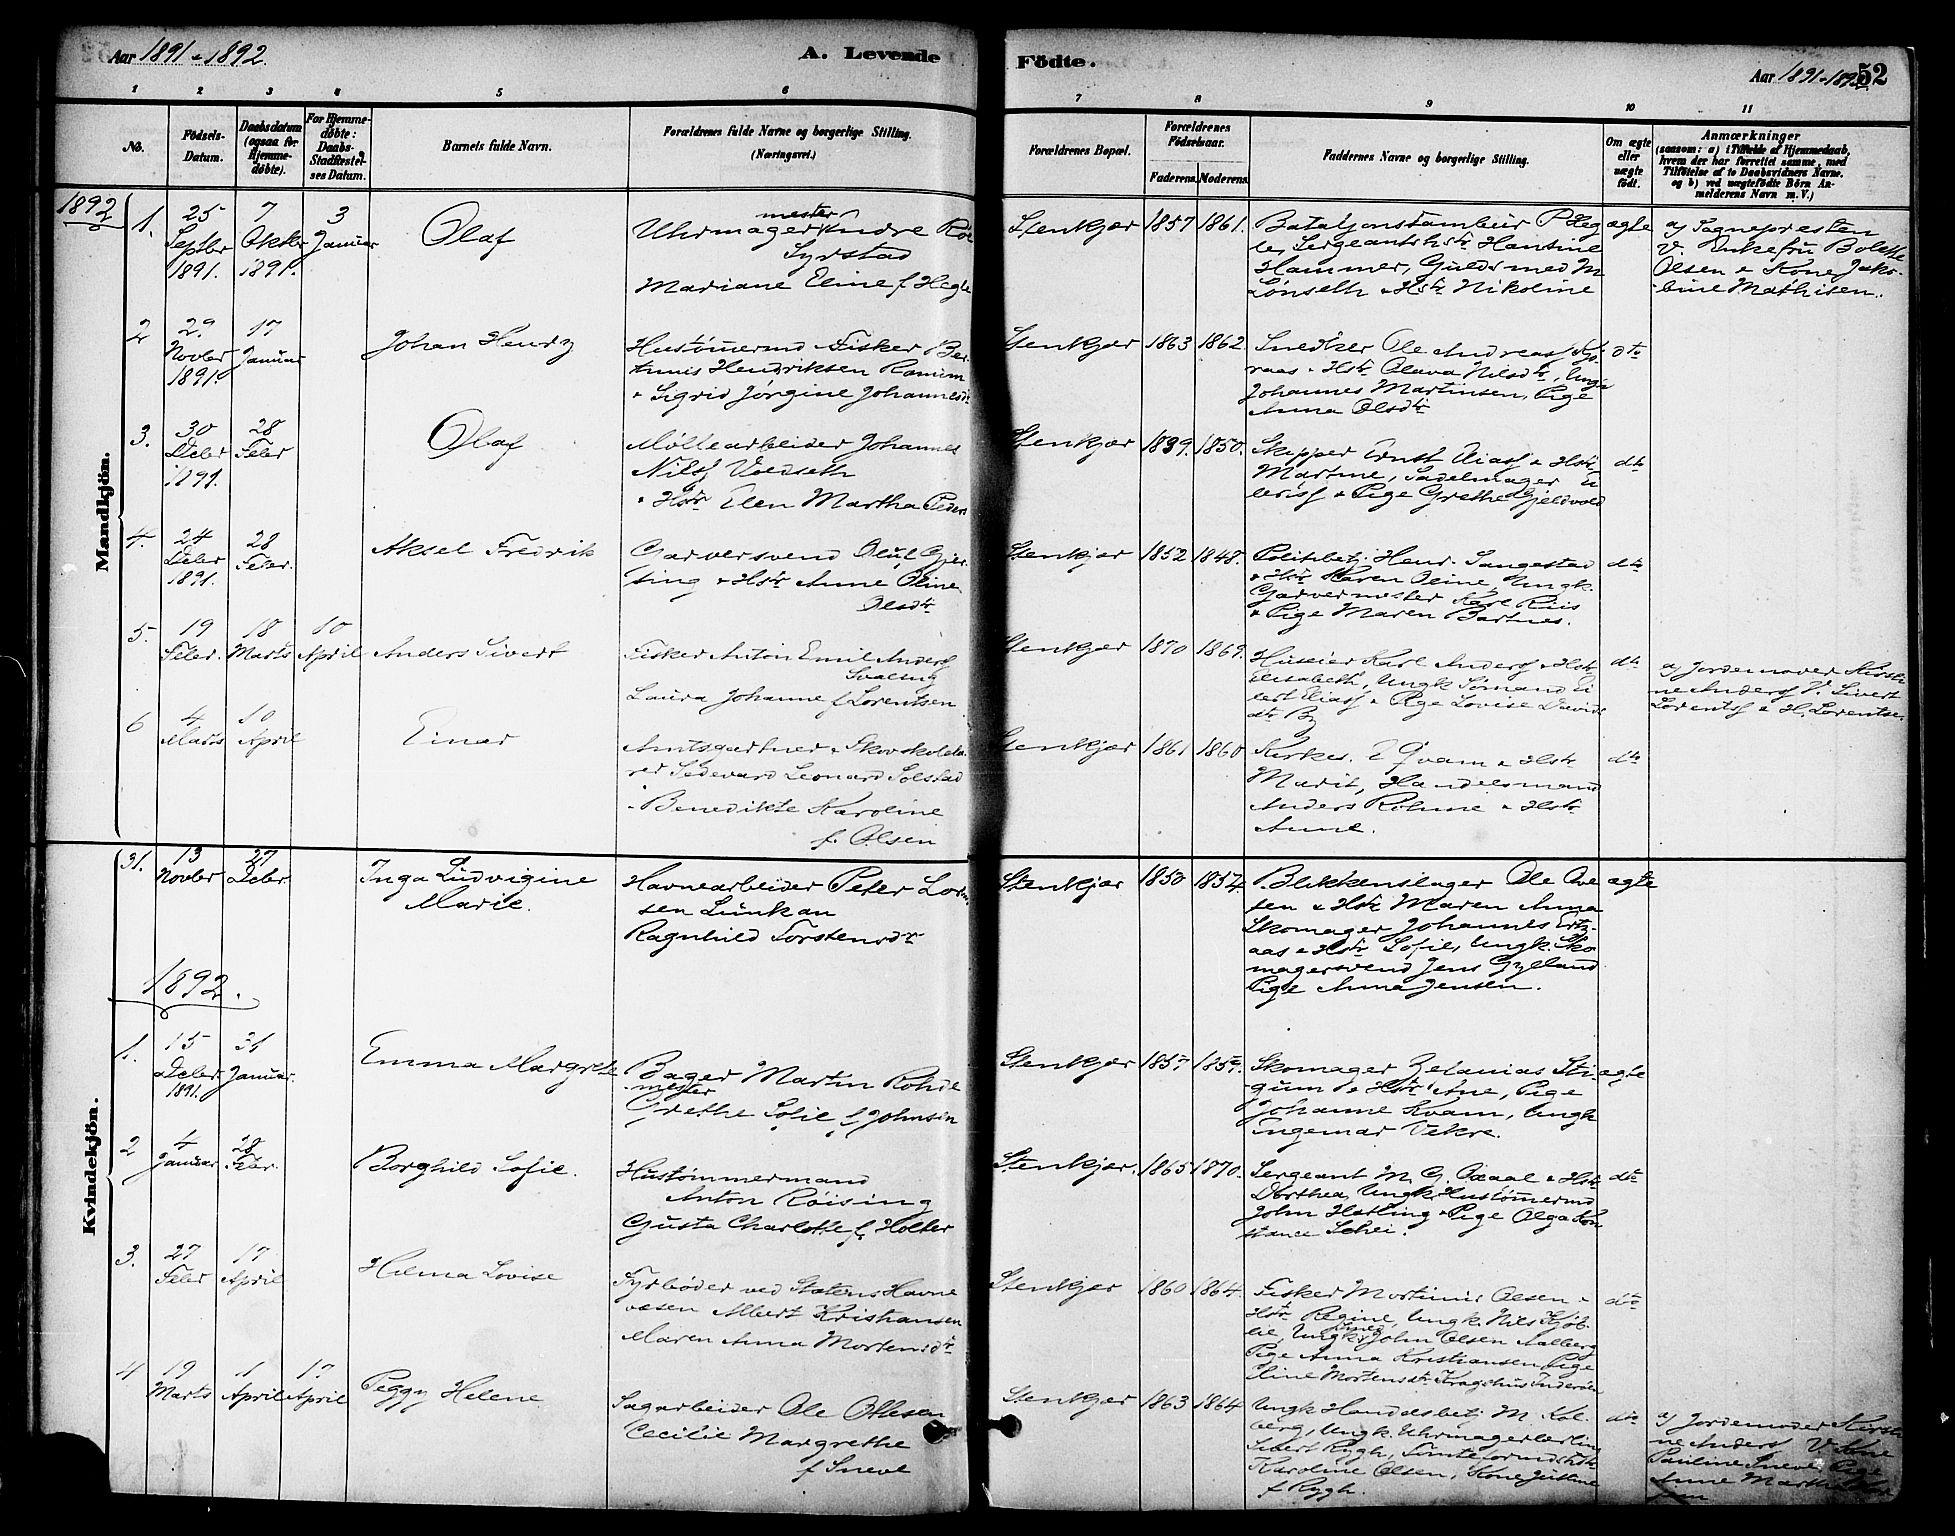 SAT, Ministerialprotokoller, klokkerbøker og fødselsregistre - Nord-Trøndelag, 739/L0371: Ministerialbok nr. 739A03, 1881-1895, s. 52